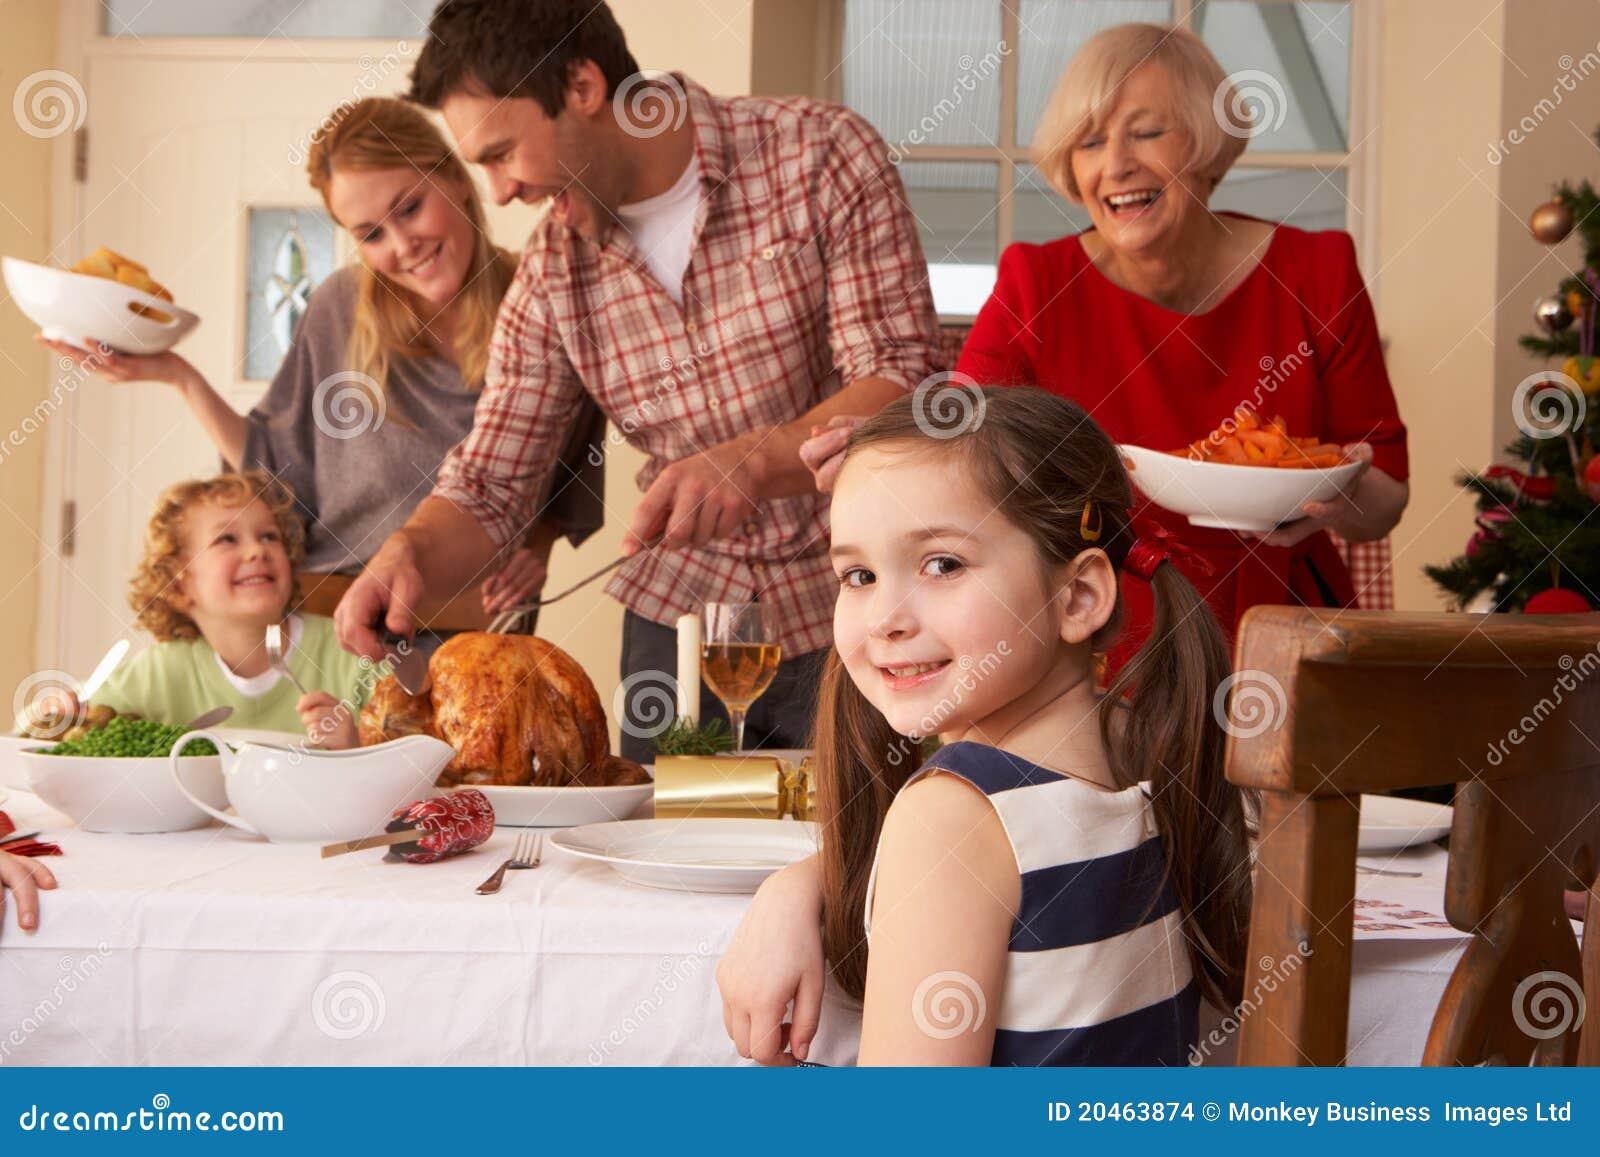 Cena de la Navidad de la porción de la familia